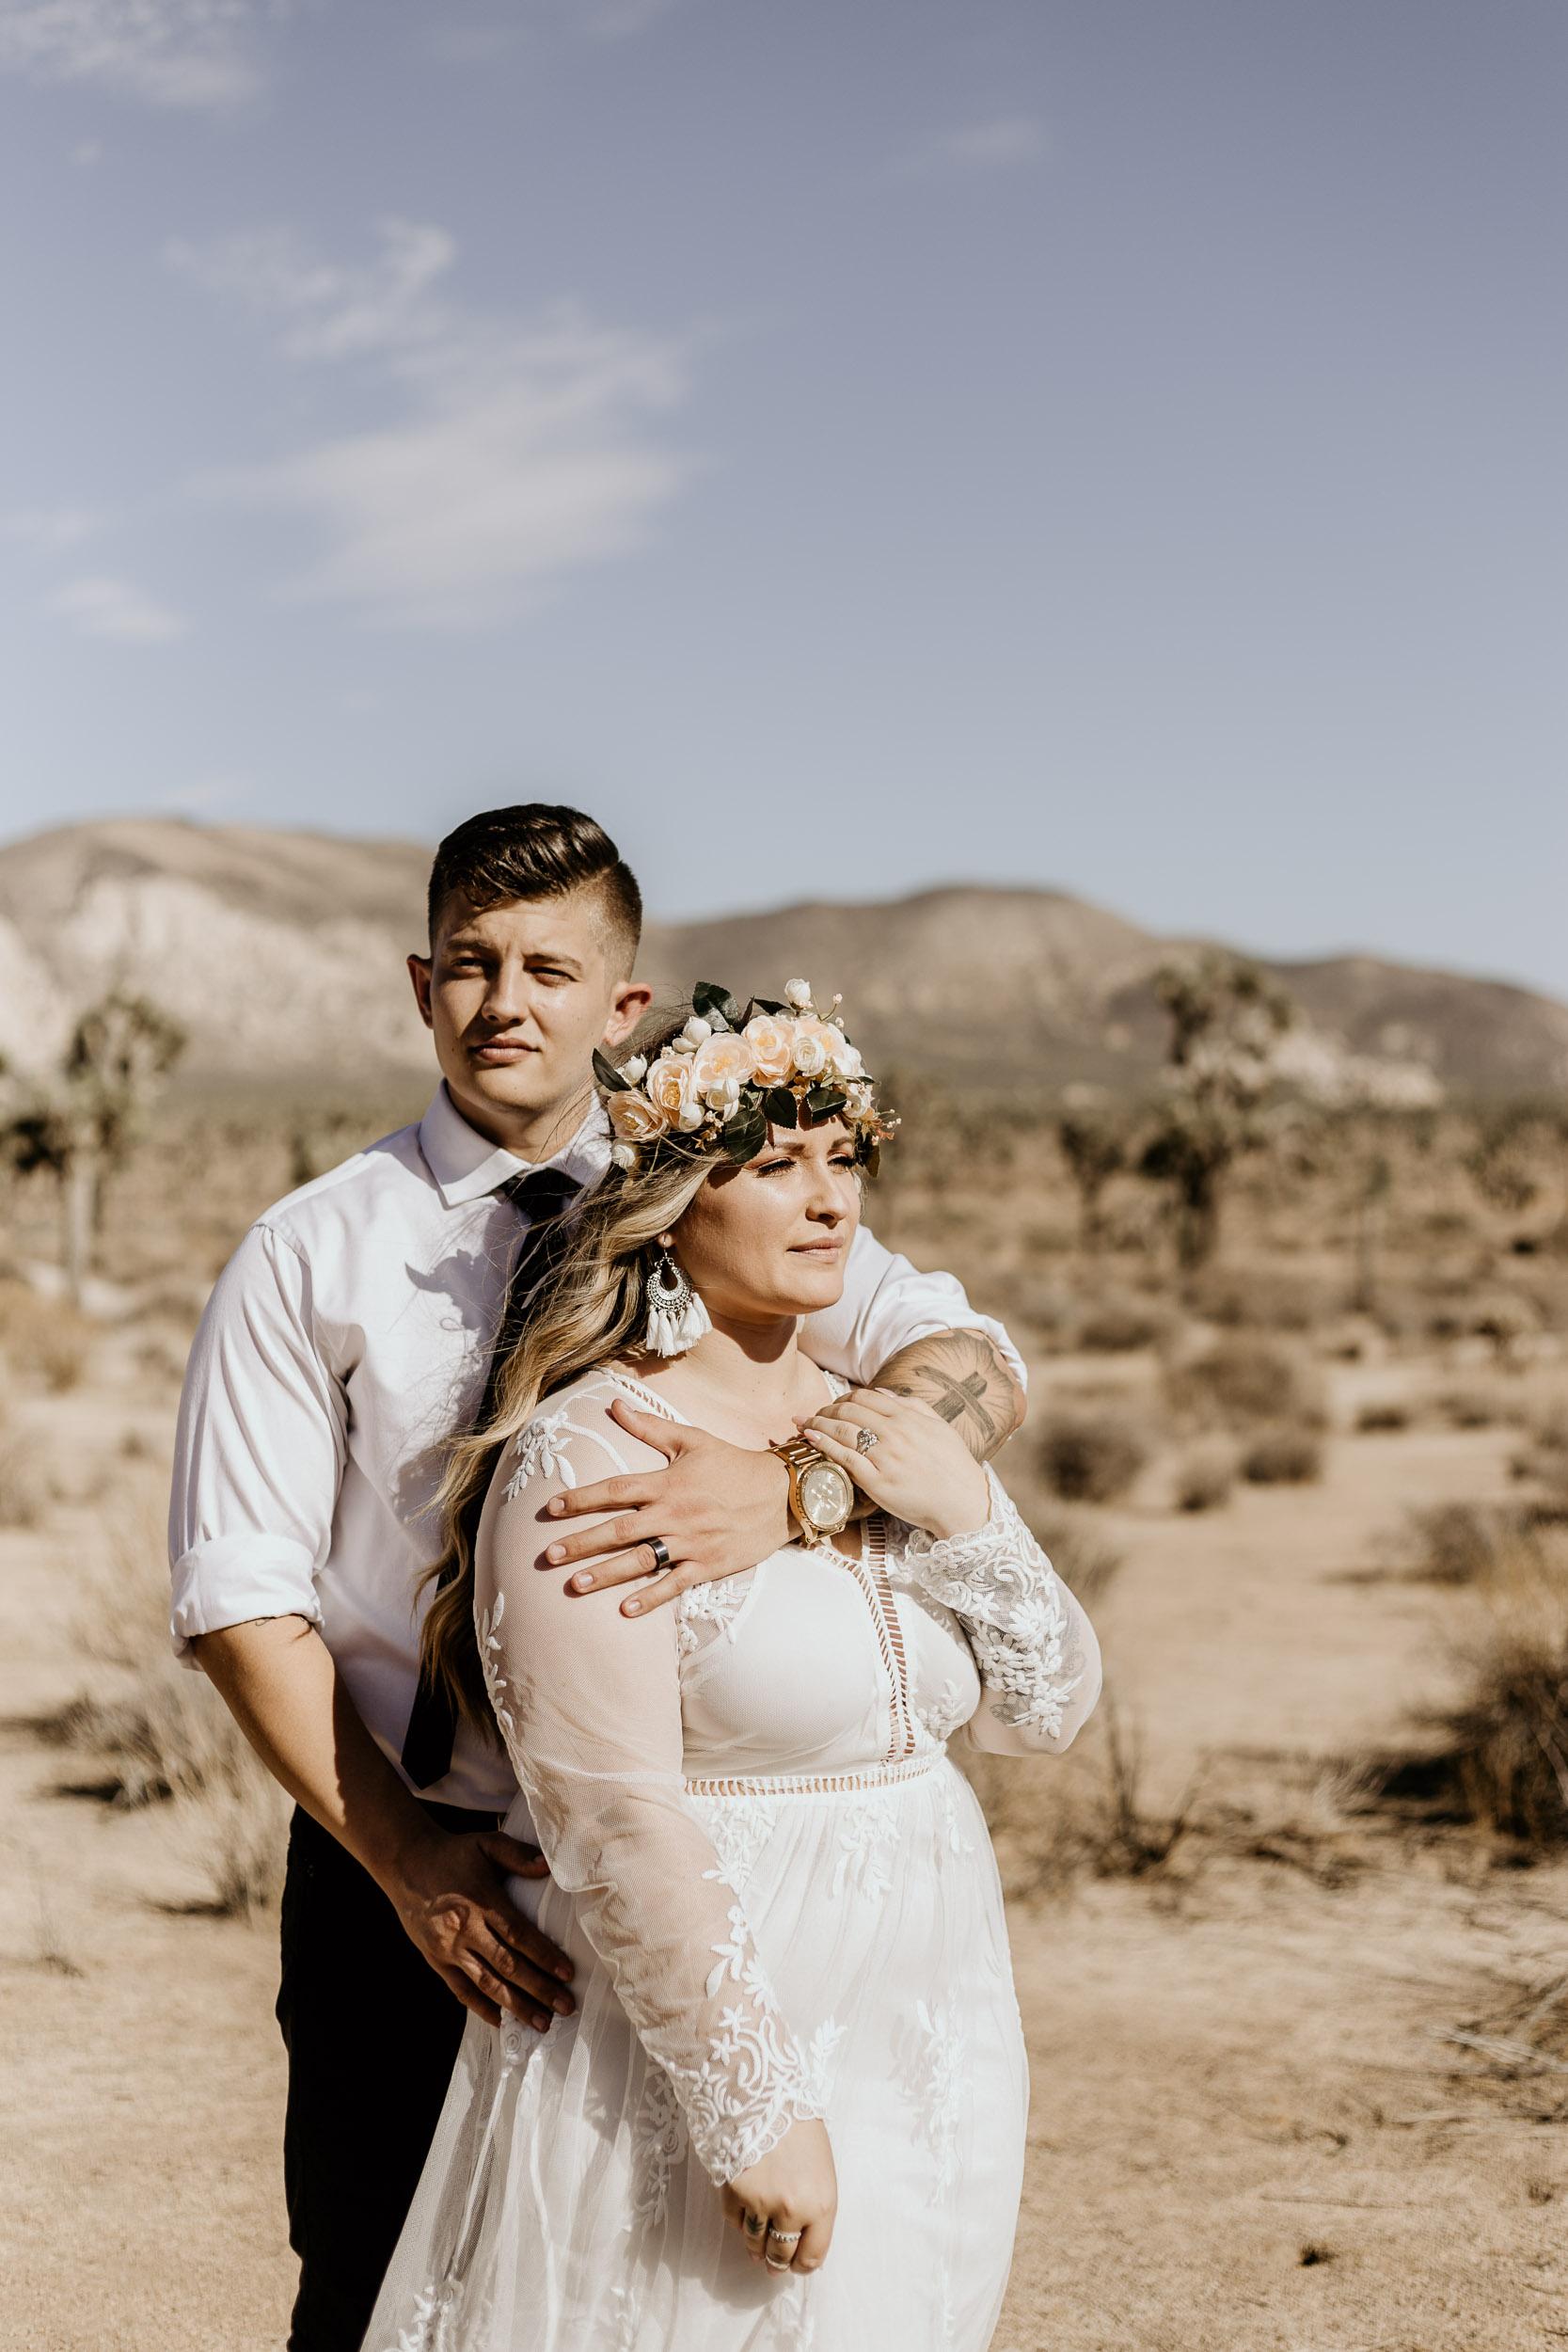 intimate-wedding-elopement-photographer-ottawa-joshua-tree-0460.jpg